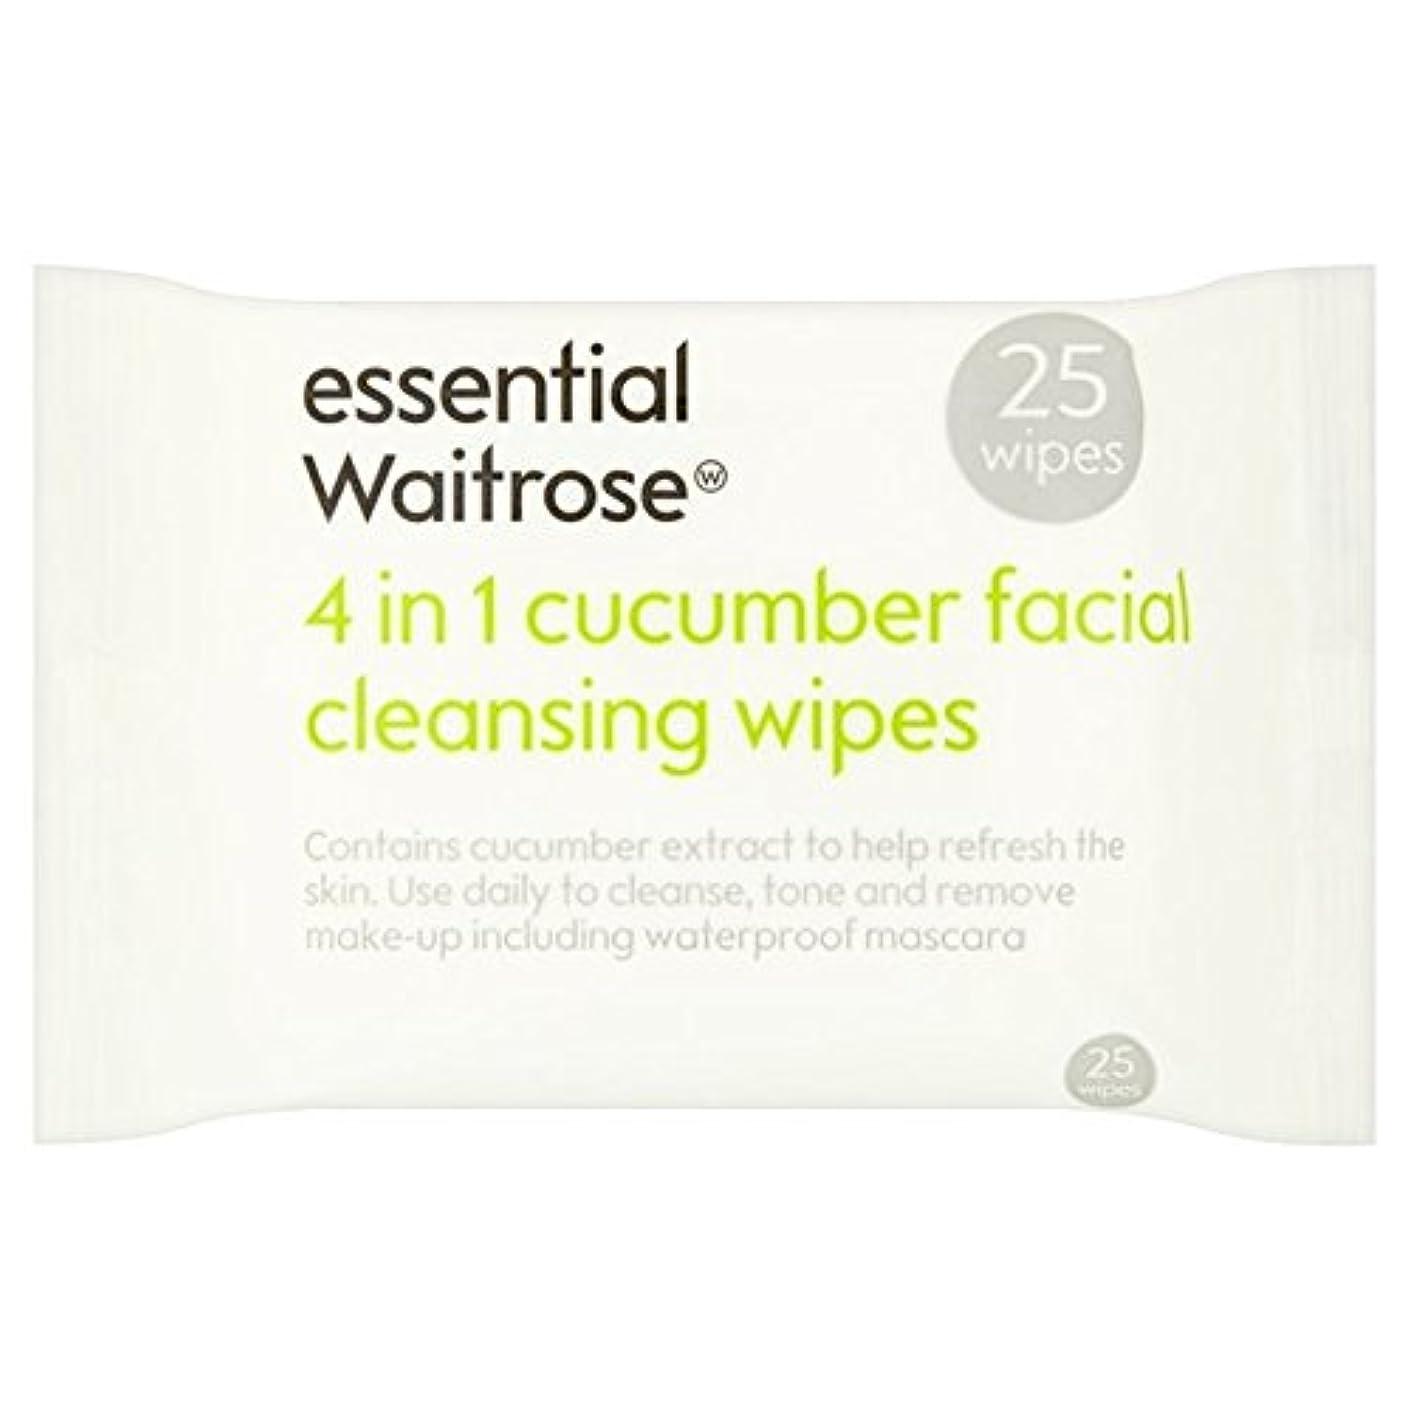 リップ無力幻想的Cucumber Facial Wipes essential Waitrose 25 per pack (Pack of 6) - キュウリ顔のワイプパックあたり不可欠ウェイトローズ25 x6 [並行輸入品]